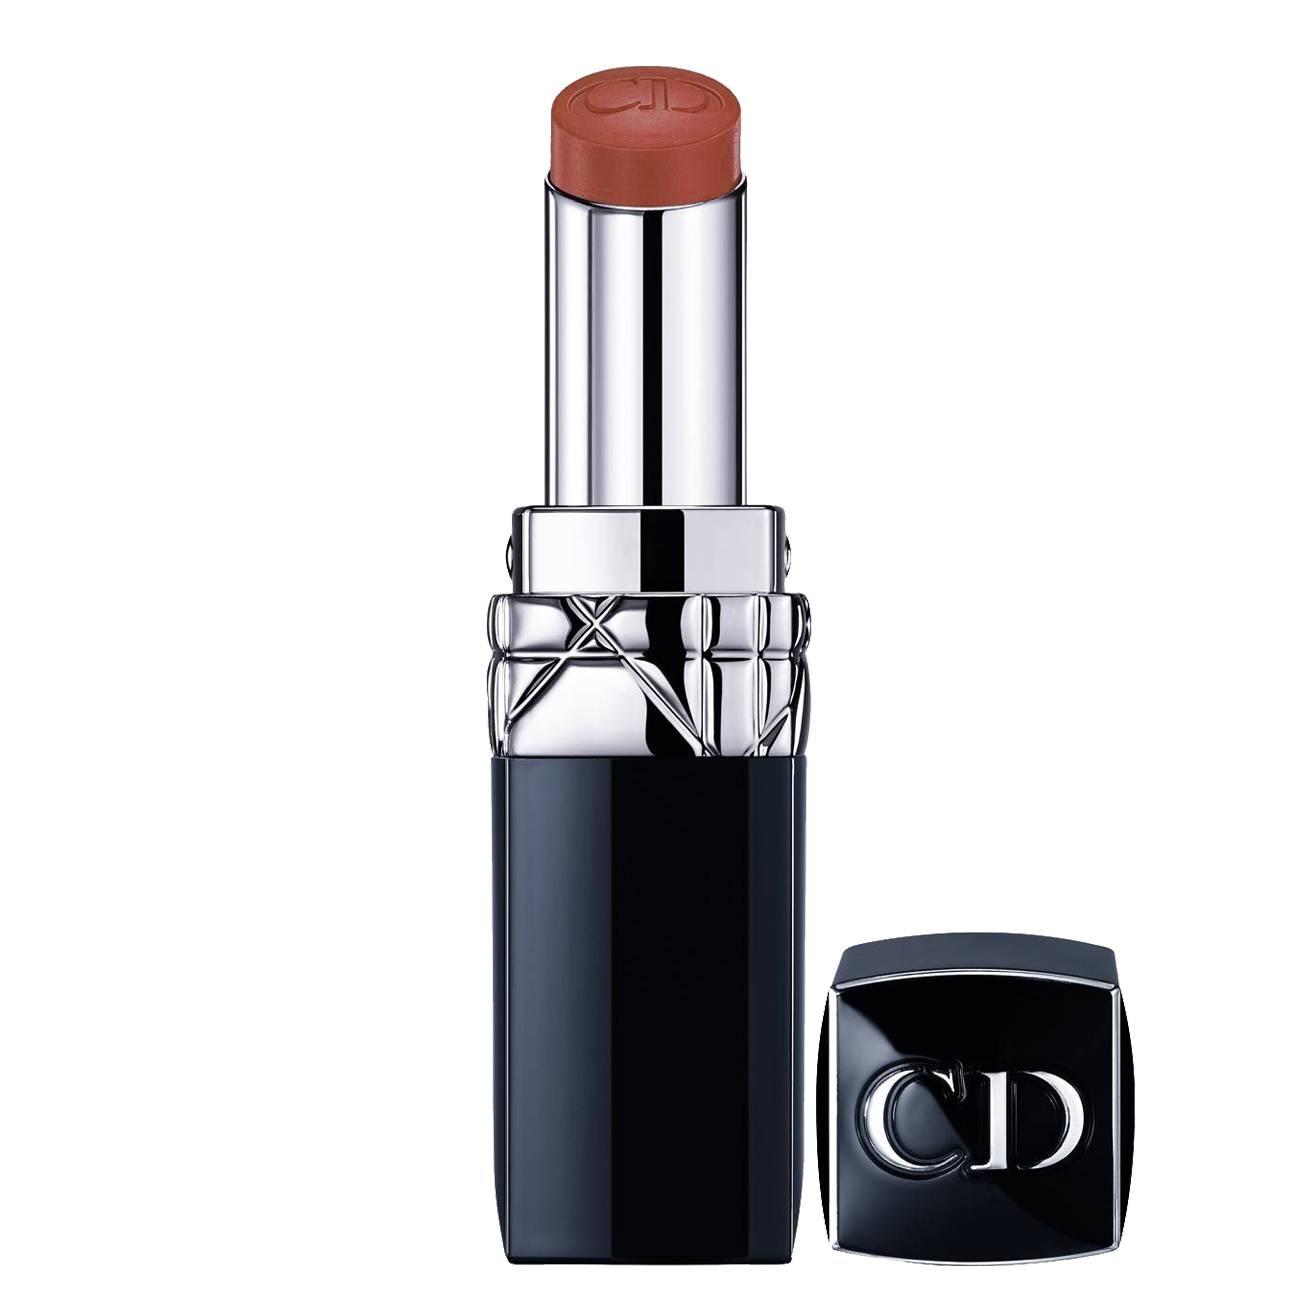 Rouge Dior Baume 740 3.2 Grame Dior imagine 2021 bestvalue.eu